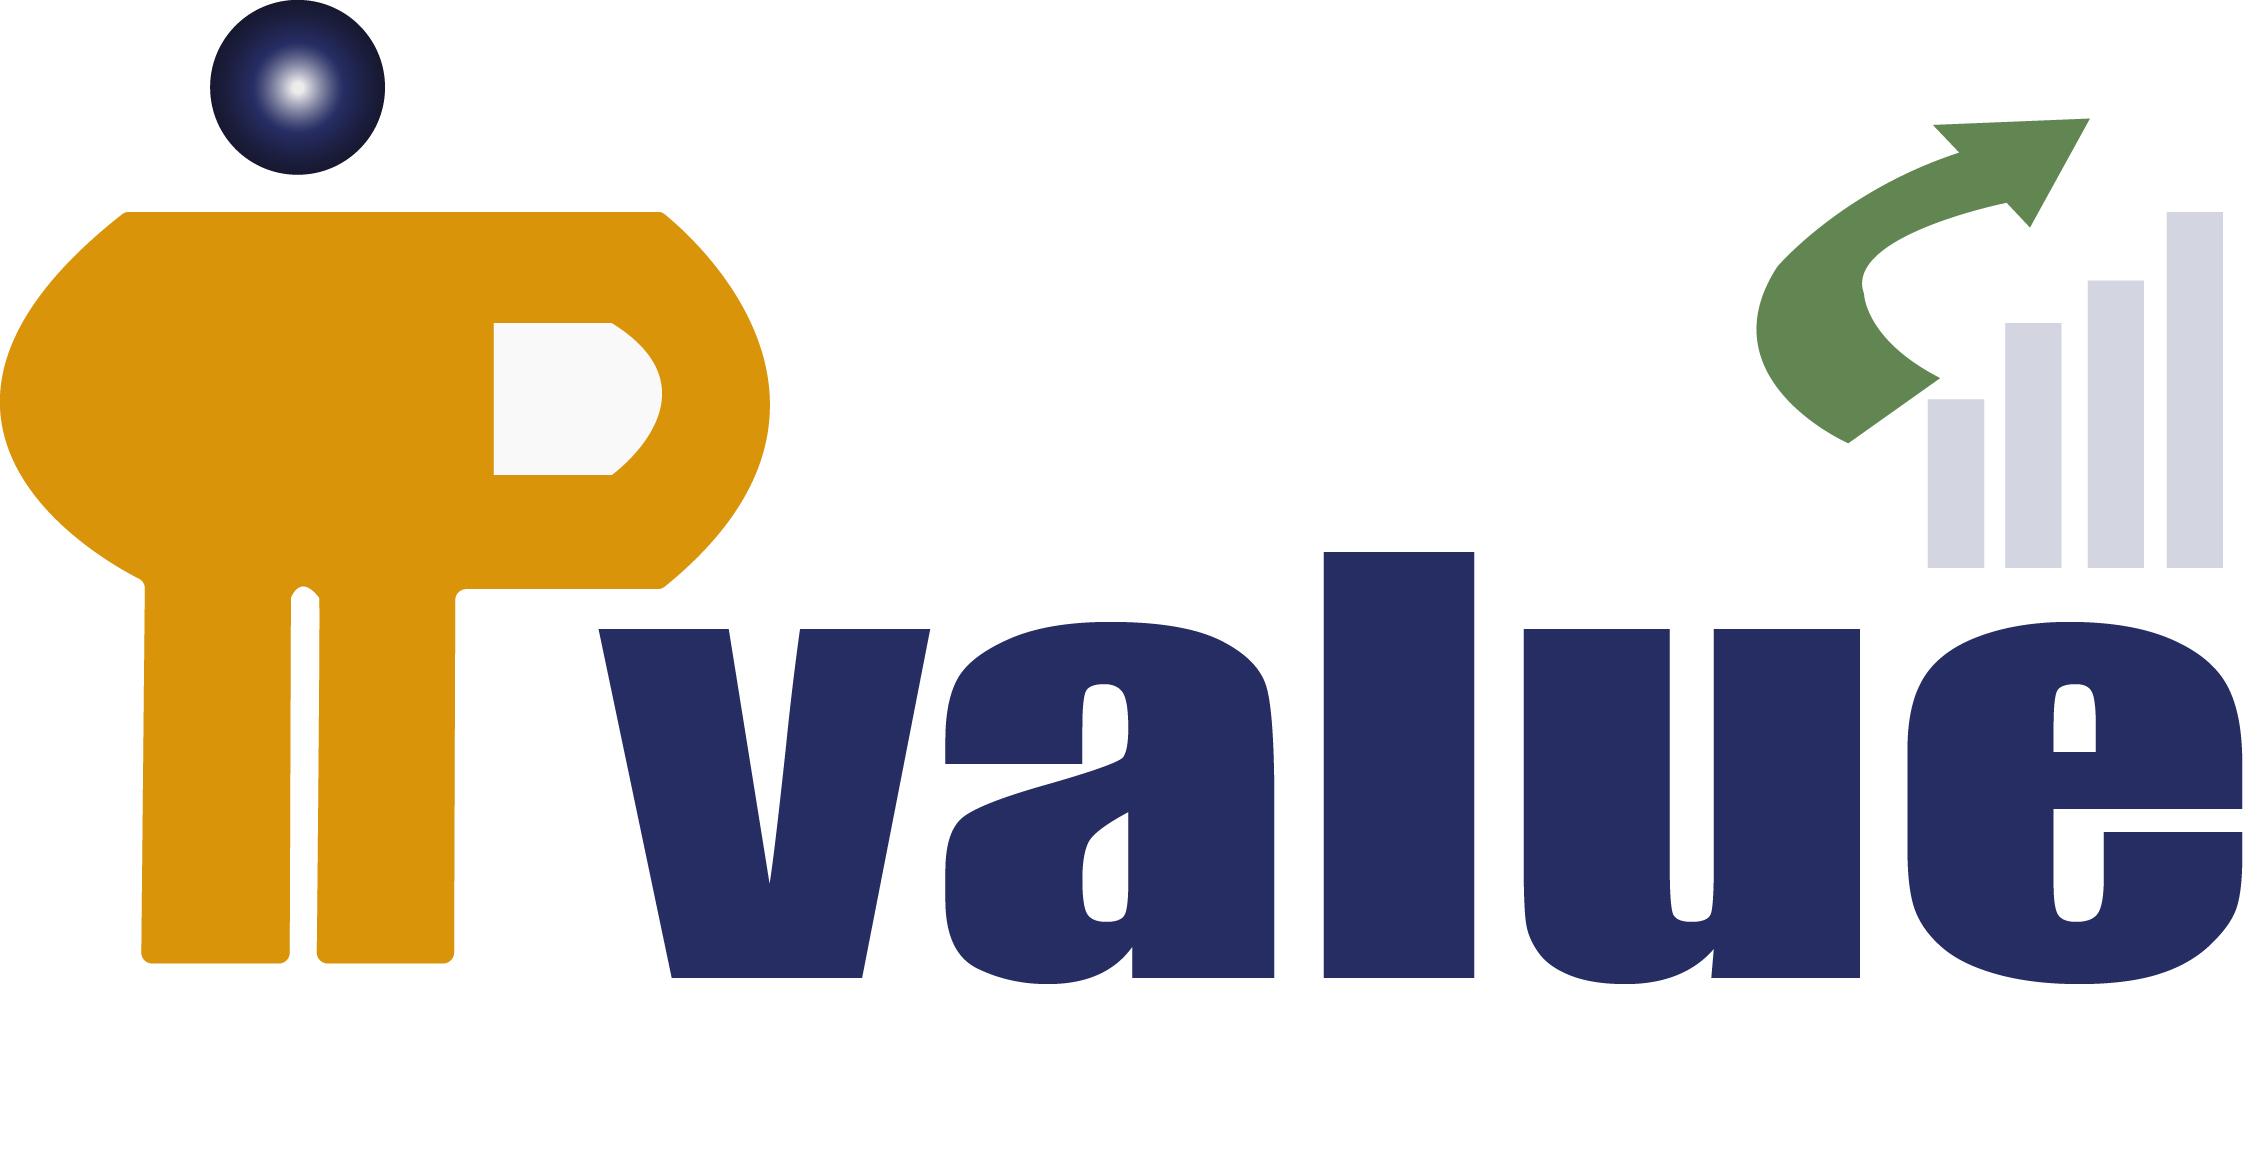 Pvalue Analytics